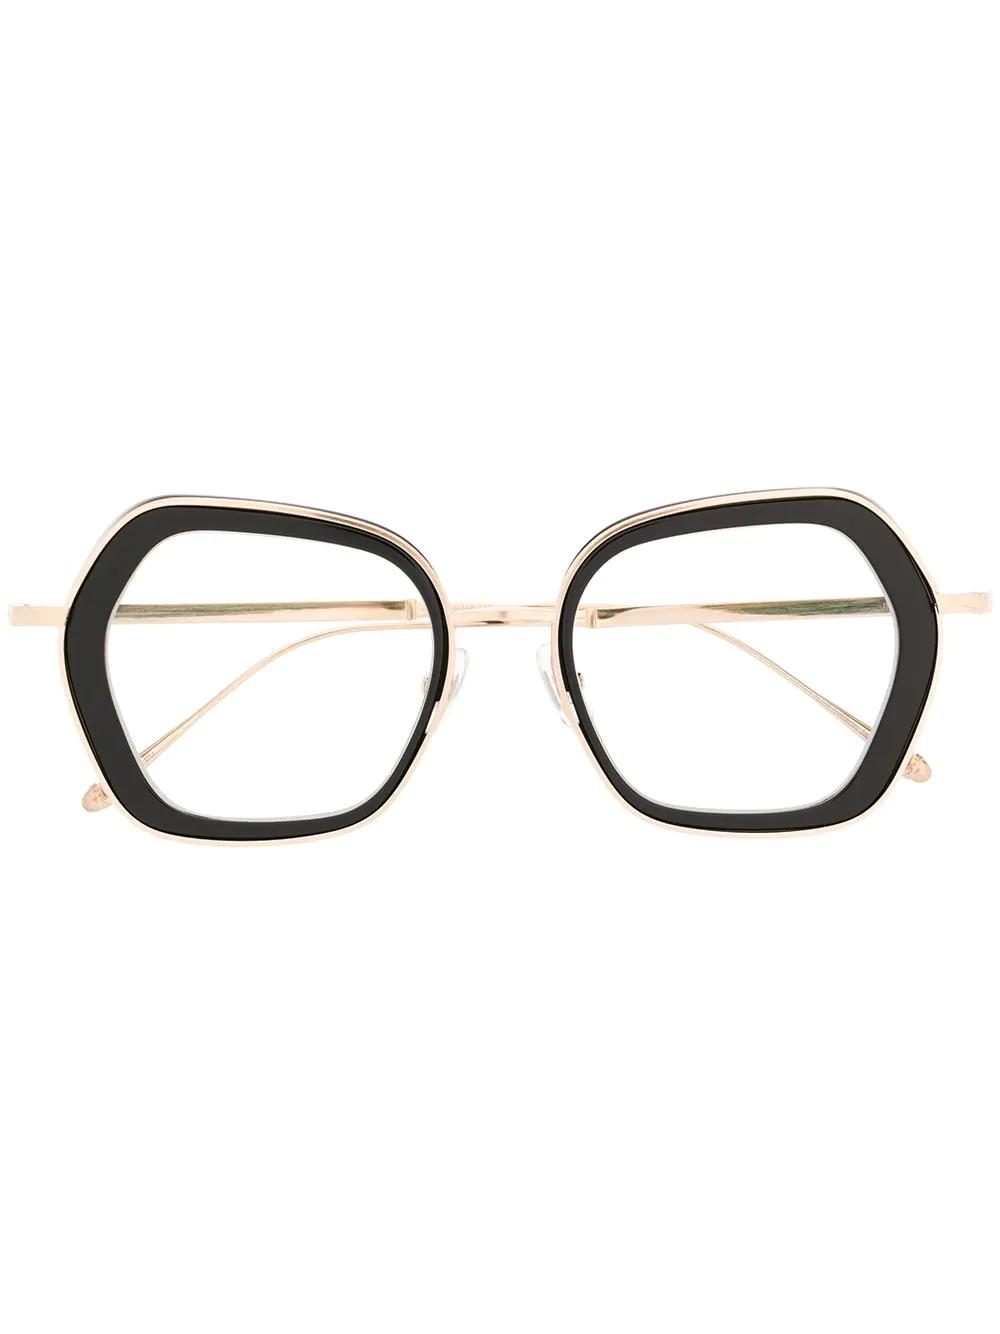 Matsuda Oversized Square Glasses Farfetch Square Glasses Glasses Matsuda